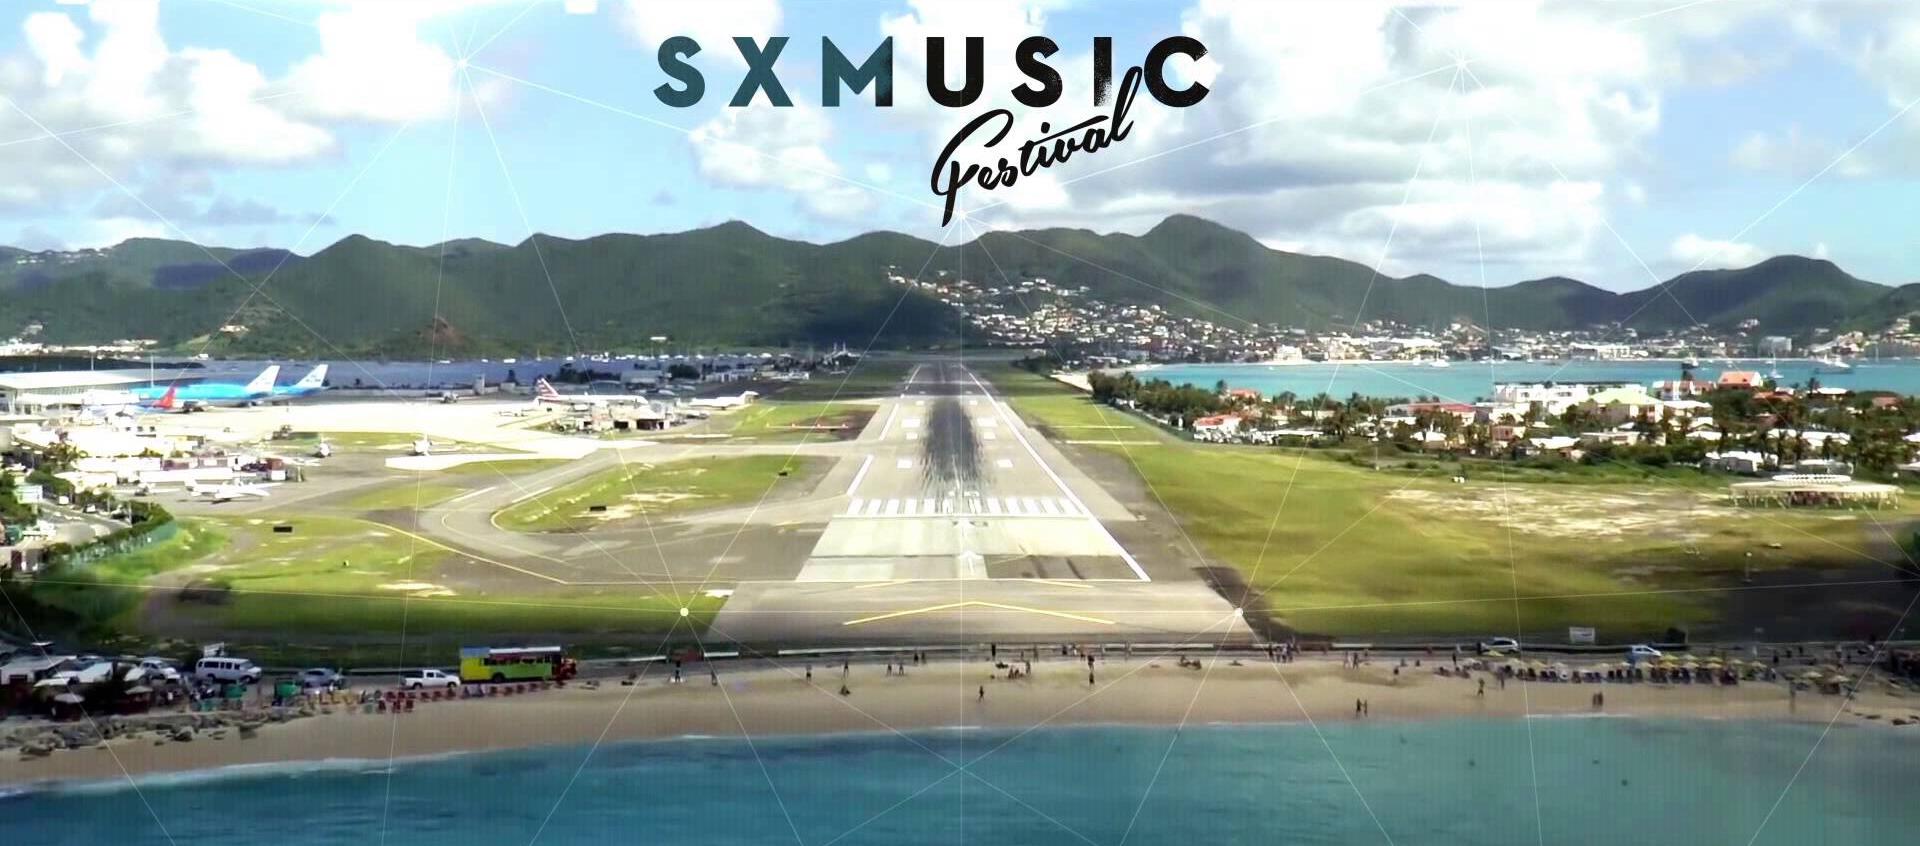 SXMusic Festival: 1st Acts Jamie Jones, Dubfire, Lee Burridge, DJ Tennis, Adriatique and more